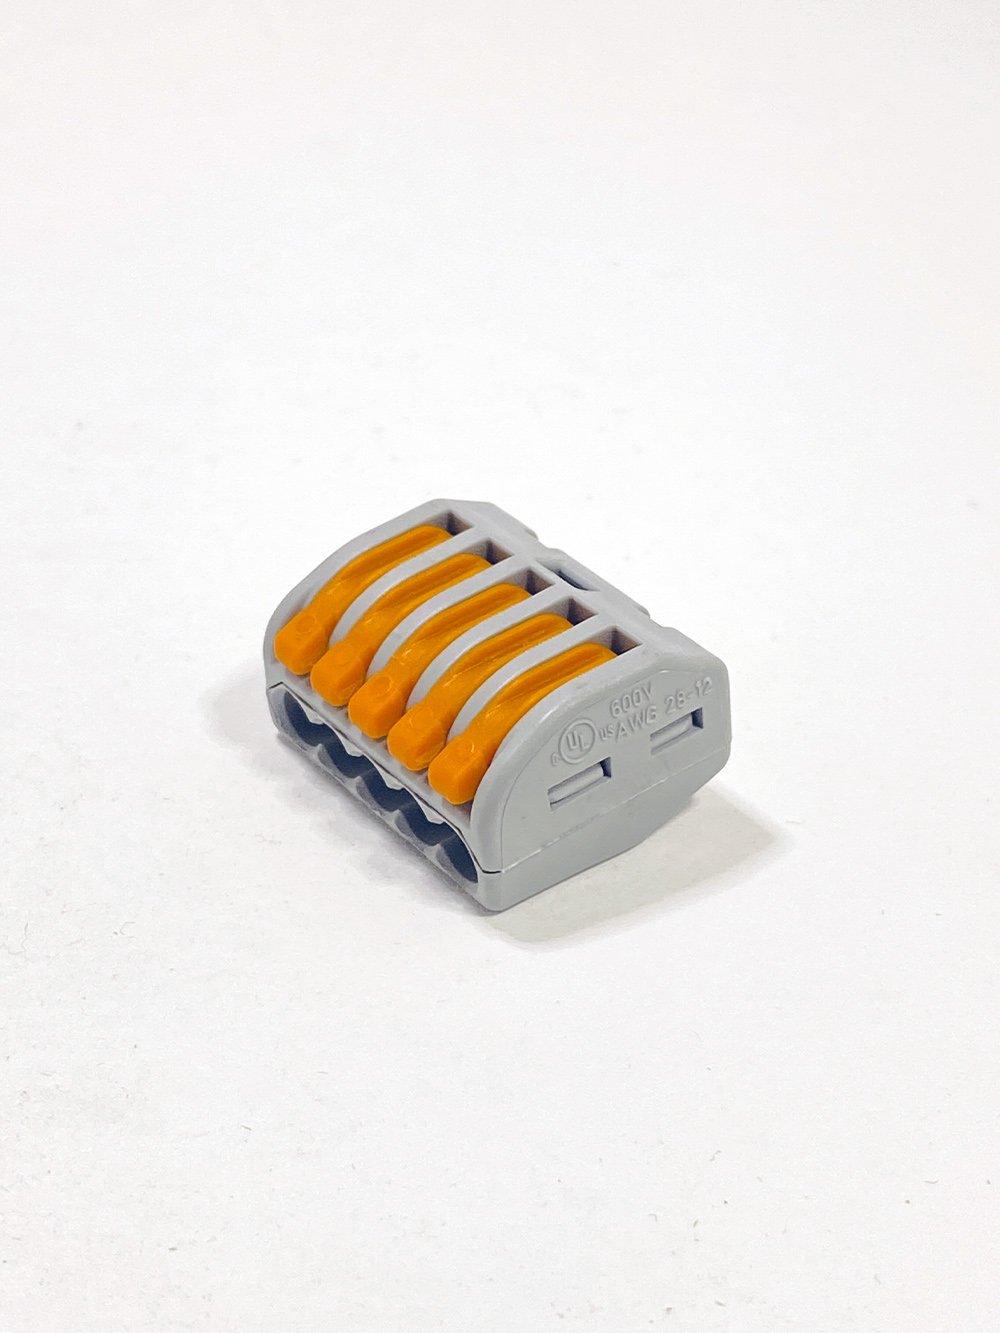 Клеммник WAGO 5-й (0.08-2.5мм) флажковый